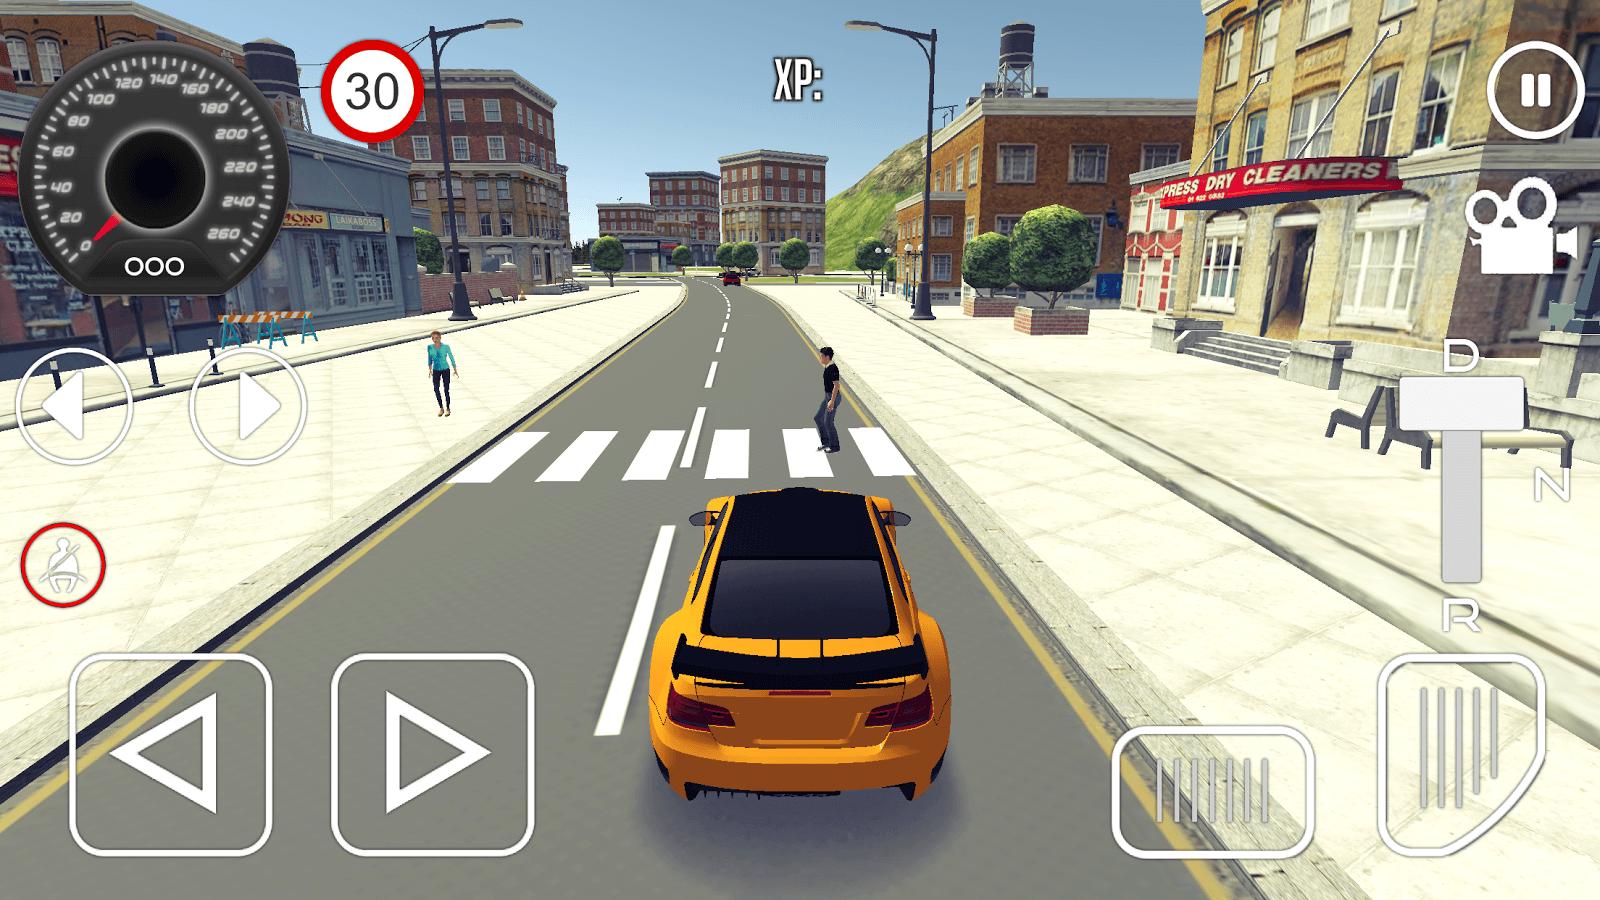 تطبيق Driving School 3d لتعليم قيادة السيارات زووم على التقنية